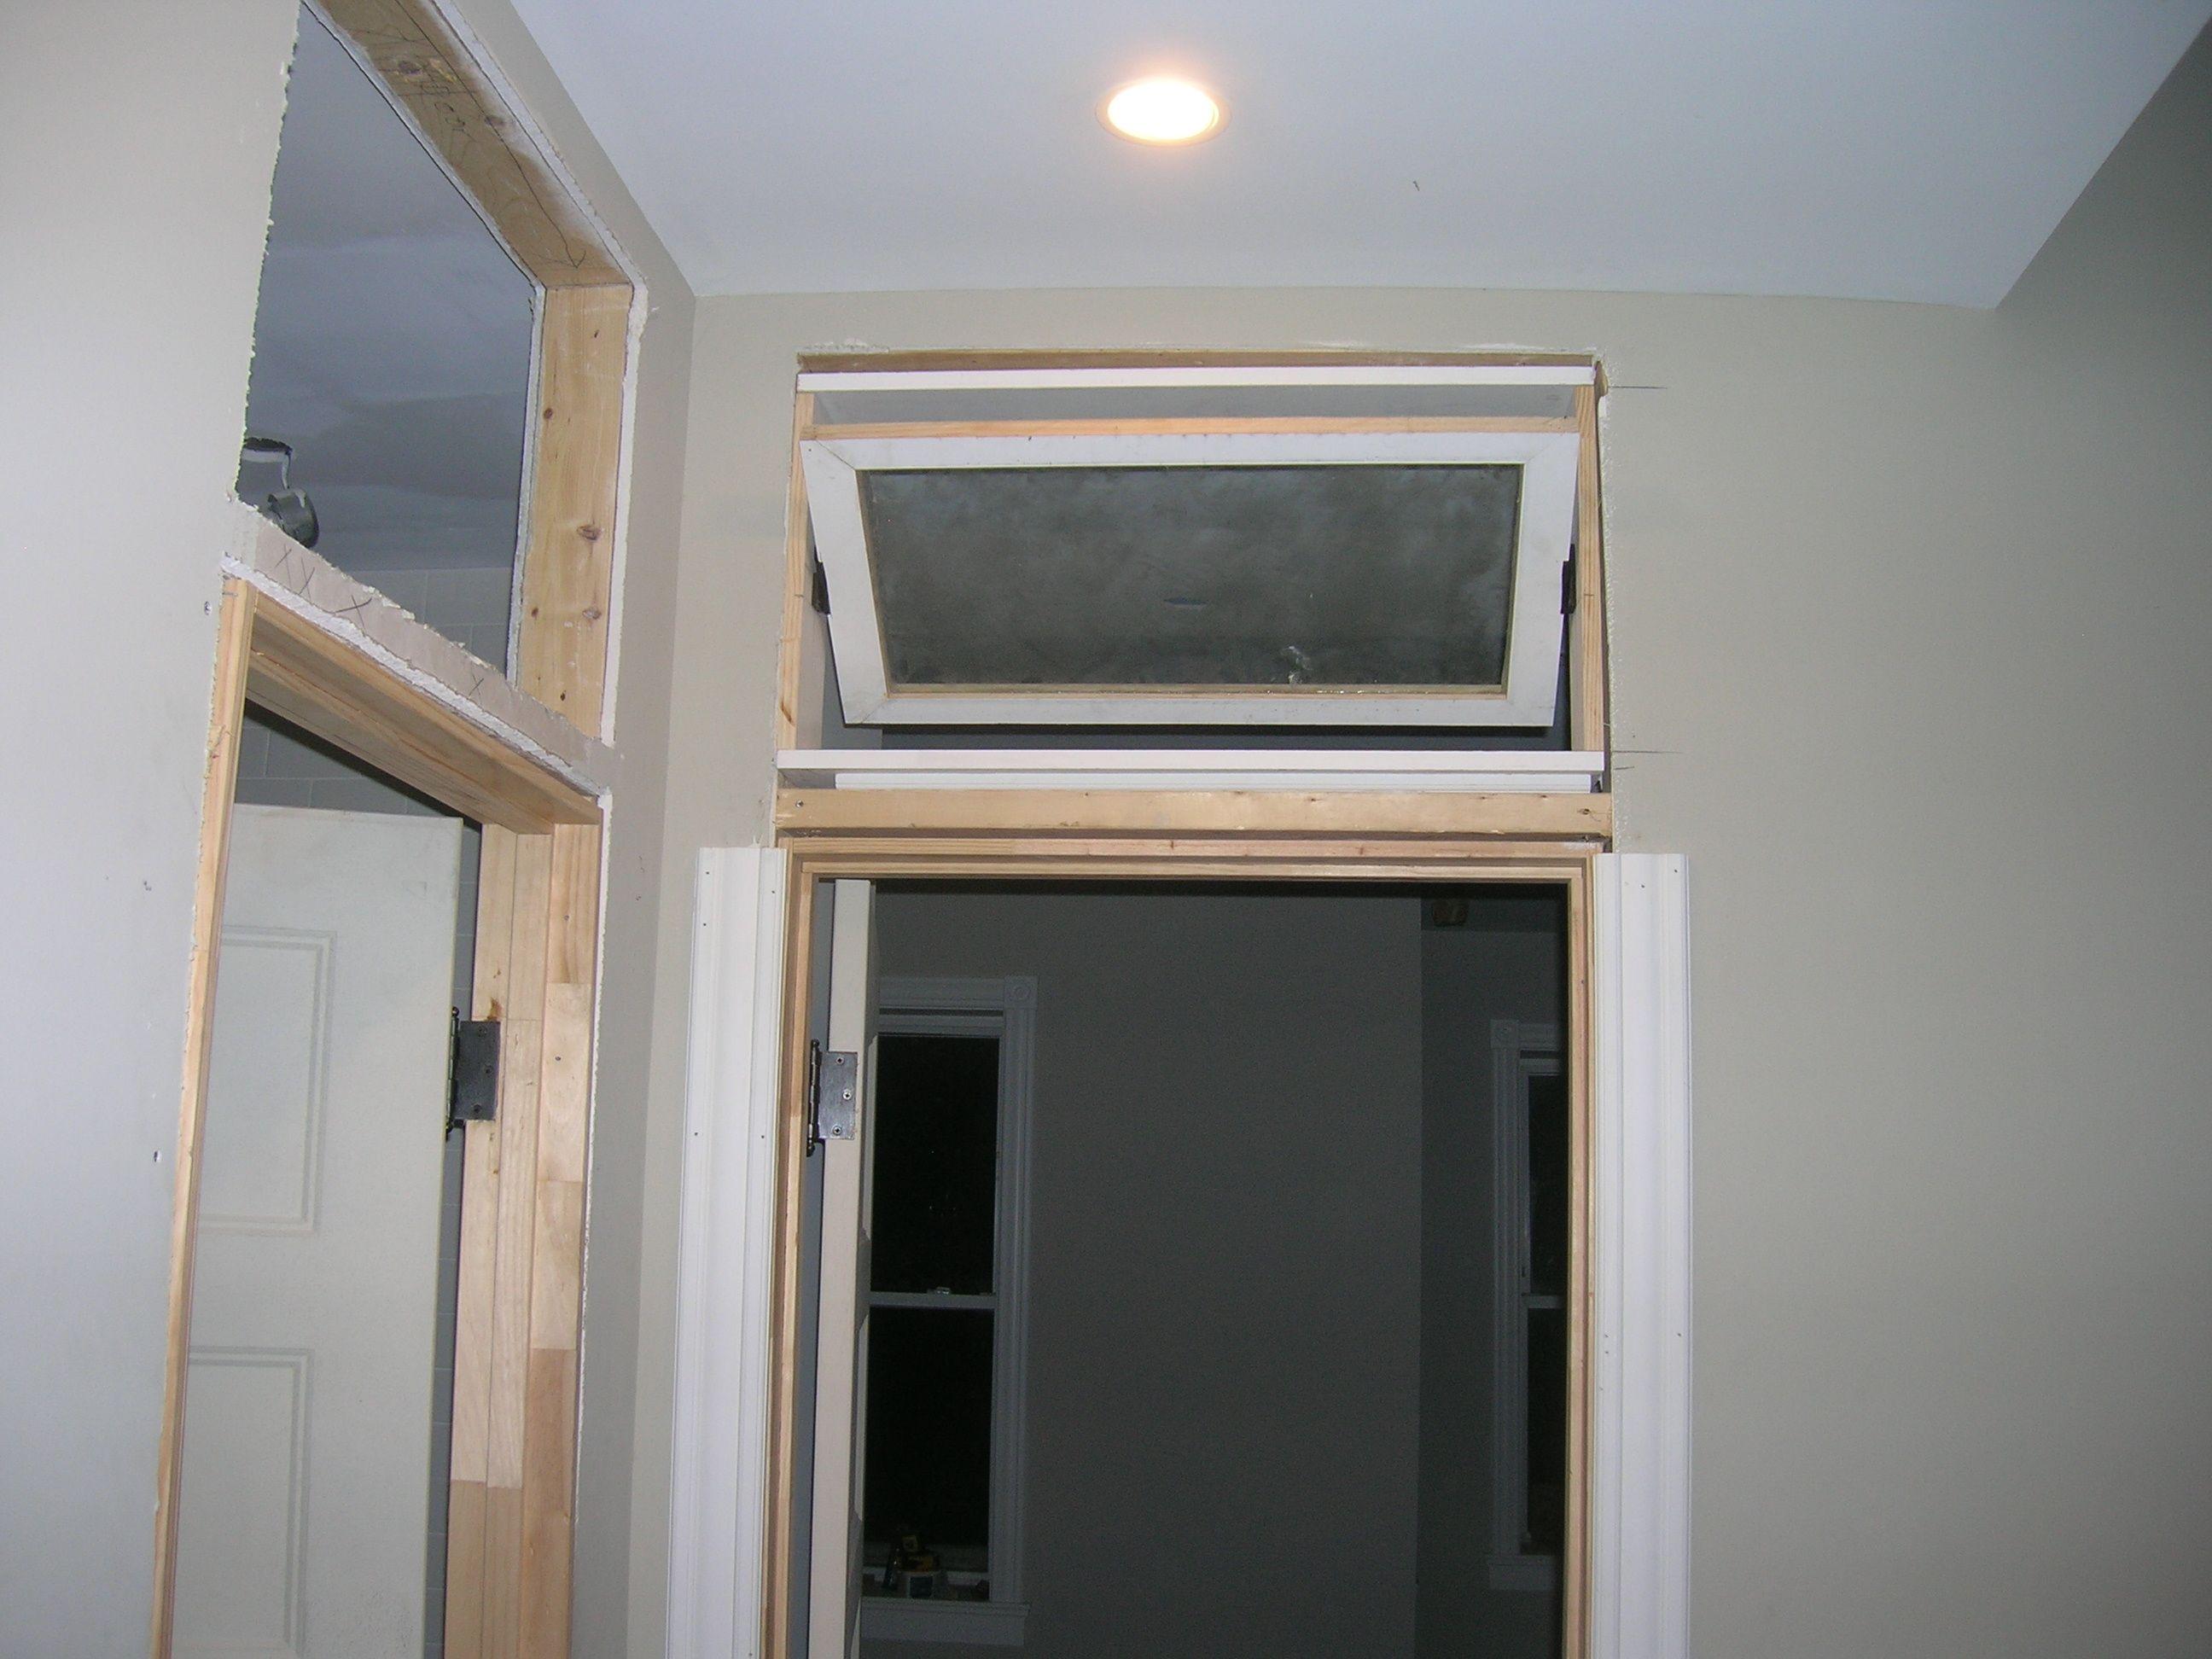 Transom Windows Transom Windows House Windows Farmhouse Interior Doors